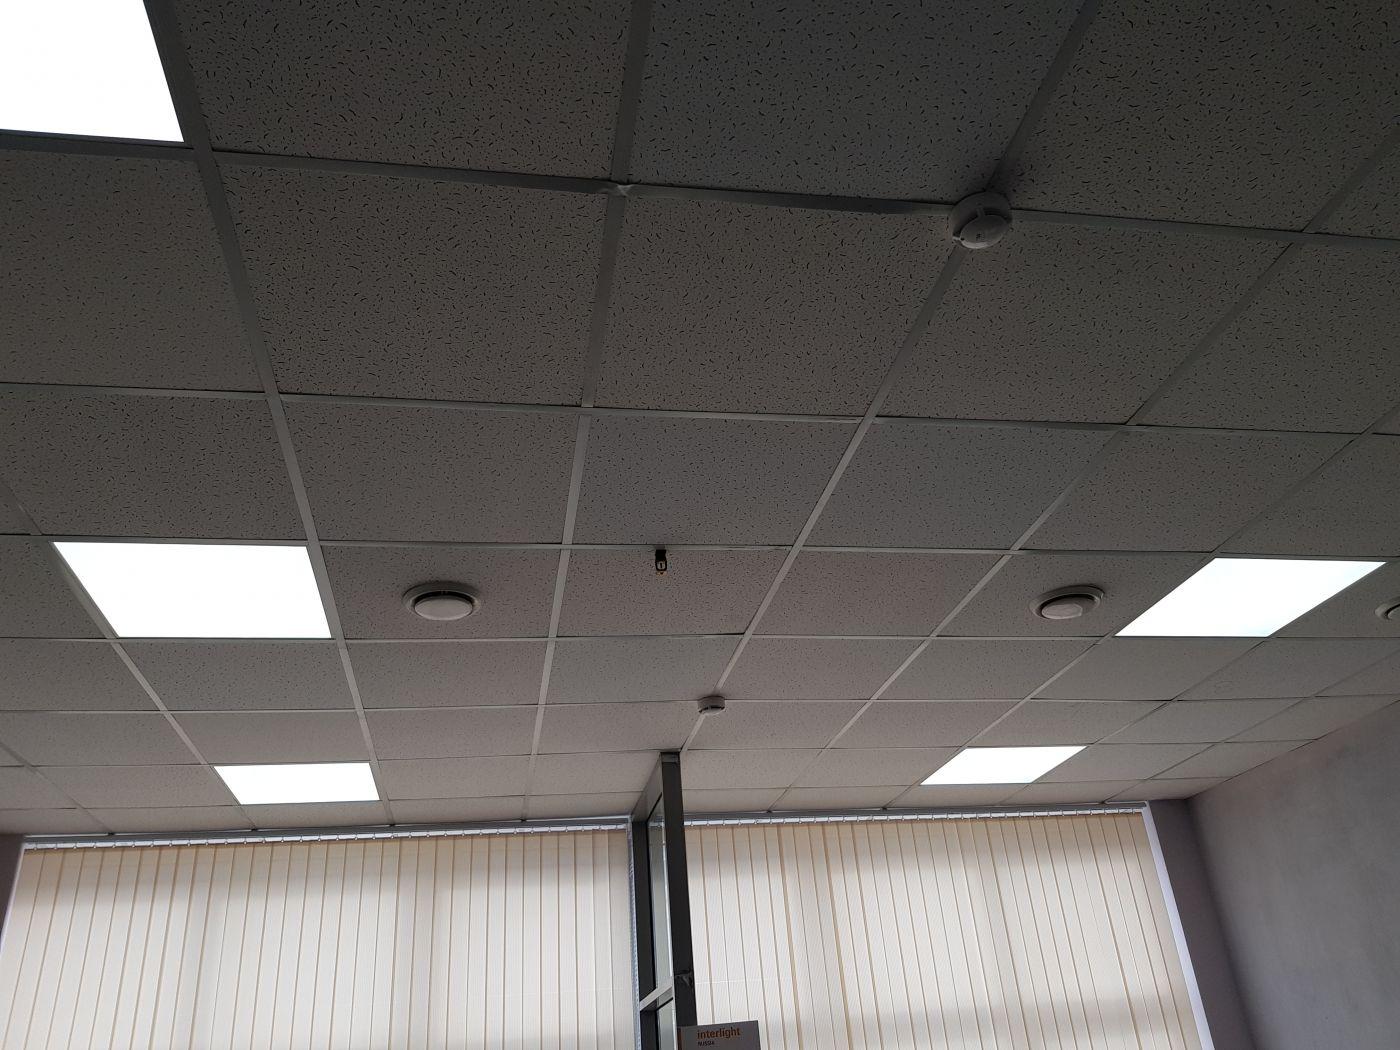 Светодиодный светильник Армстронг 595х595х40мм 72Вт 4000K IP54 с ЭМС